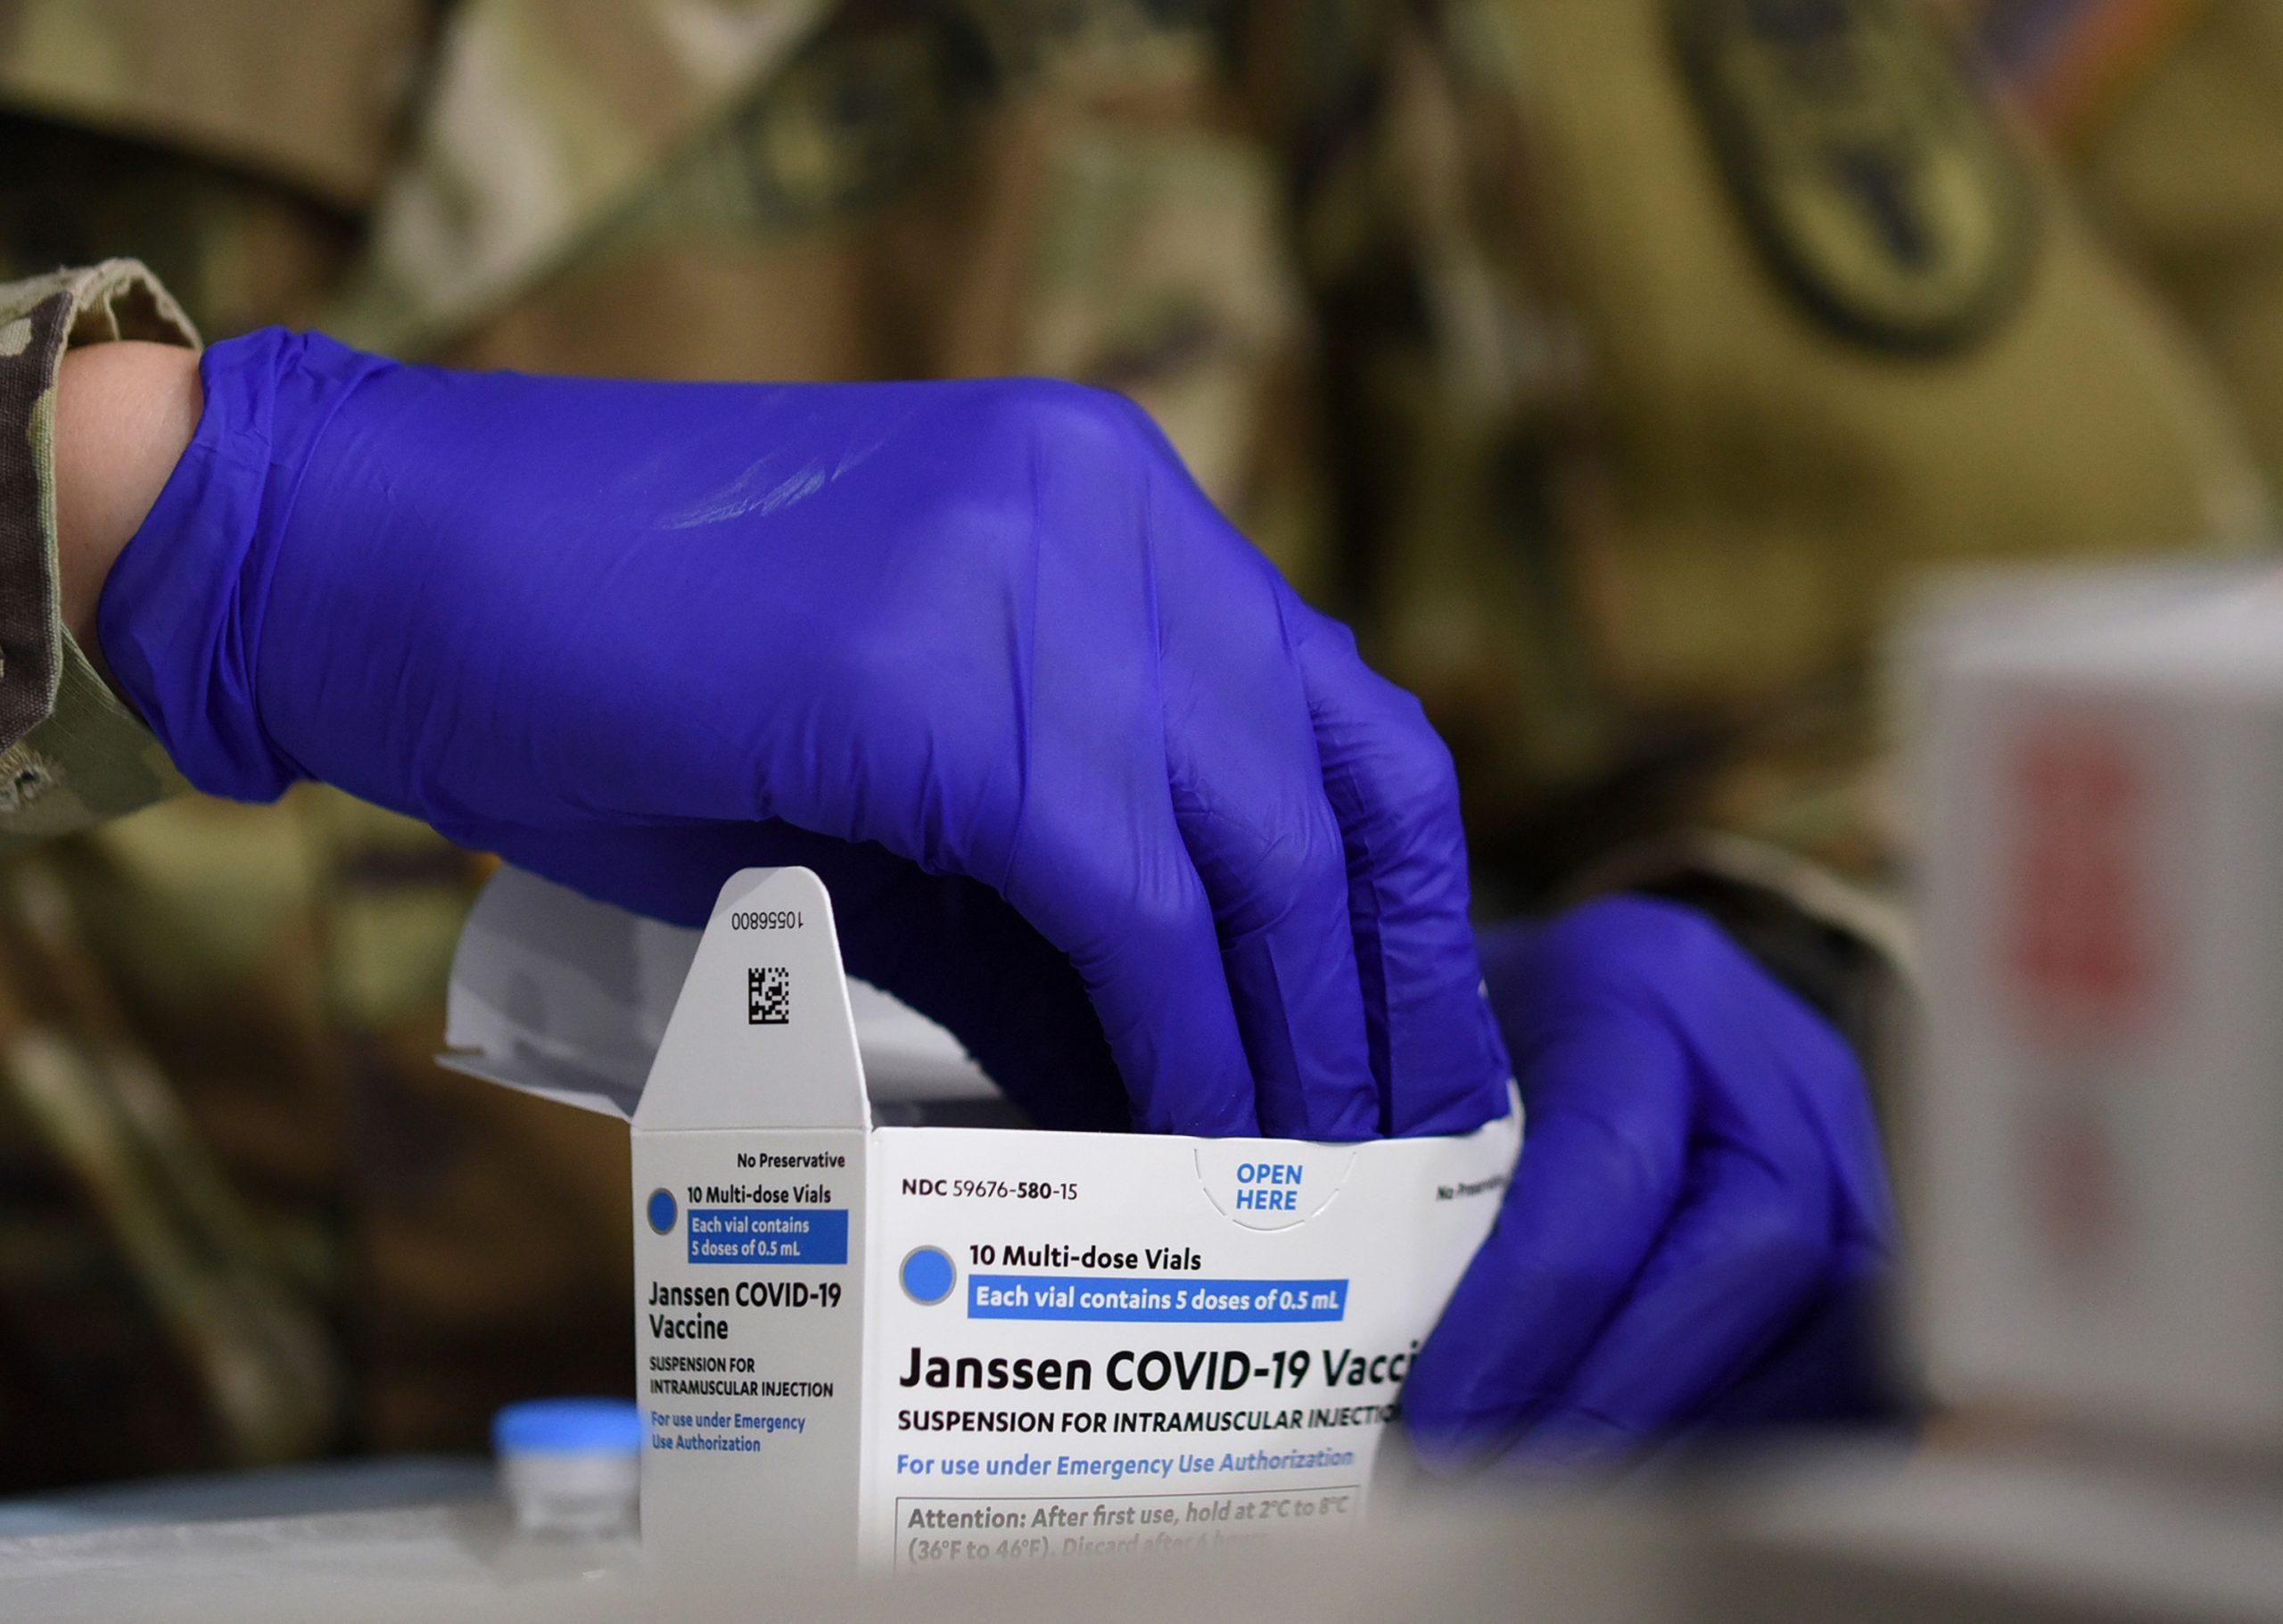 接種中止のJ&J製ワクチン、データ不足で再開メド立たず